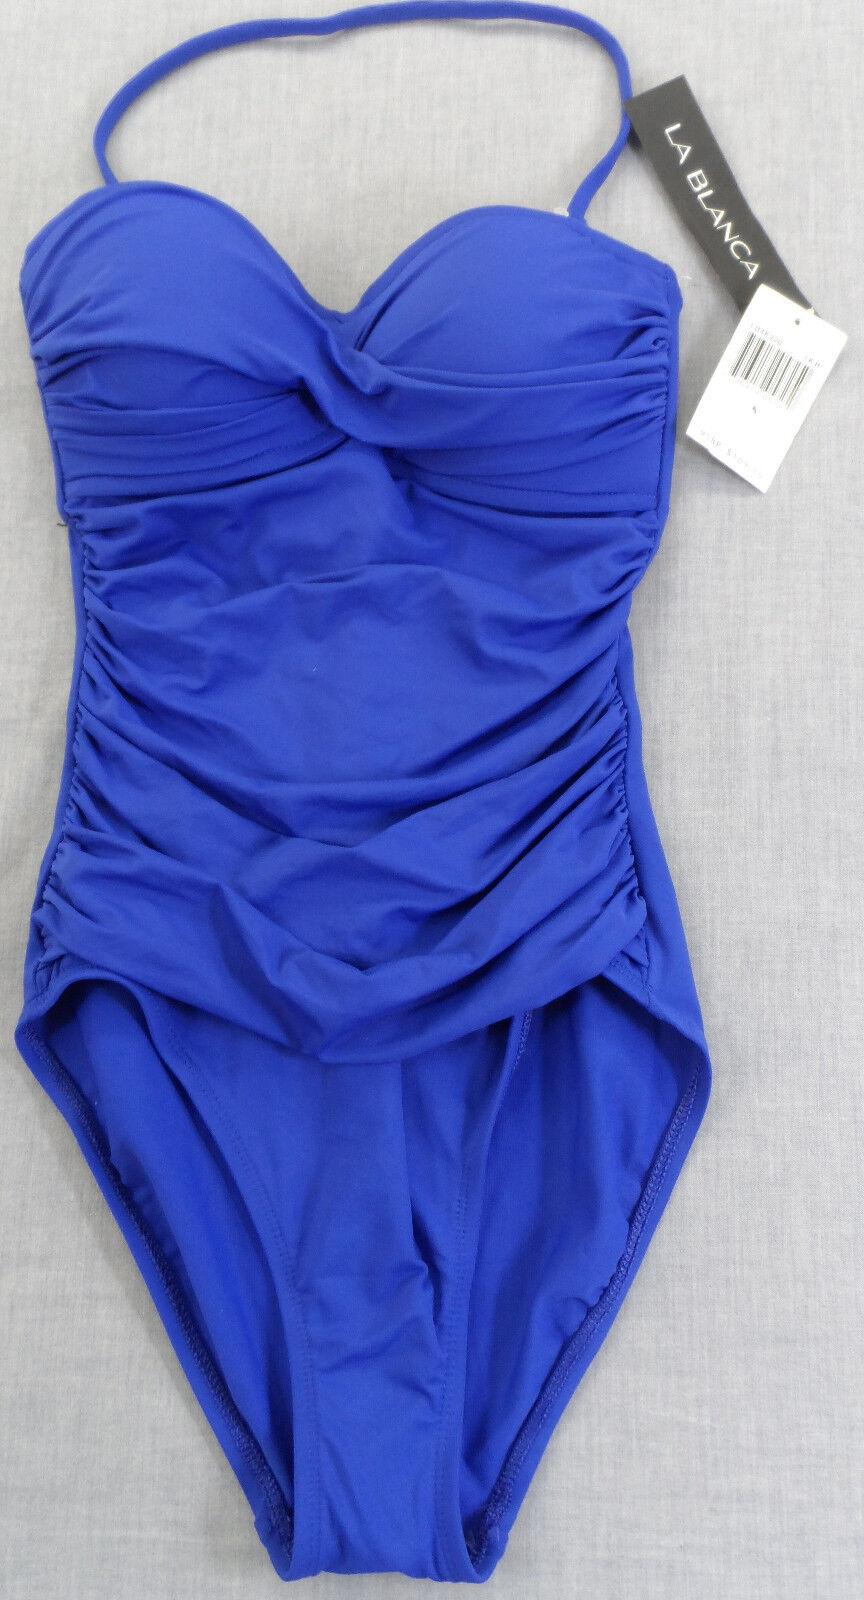 LA whiteA Gorgeous Women's ROYAL blueE 1 Piece Ssimsuit  NWT Sizes 4 & 6      109